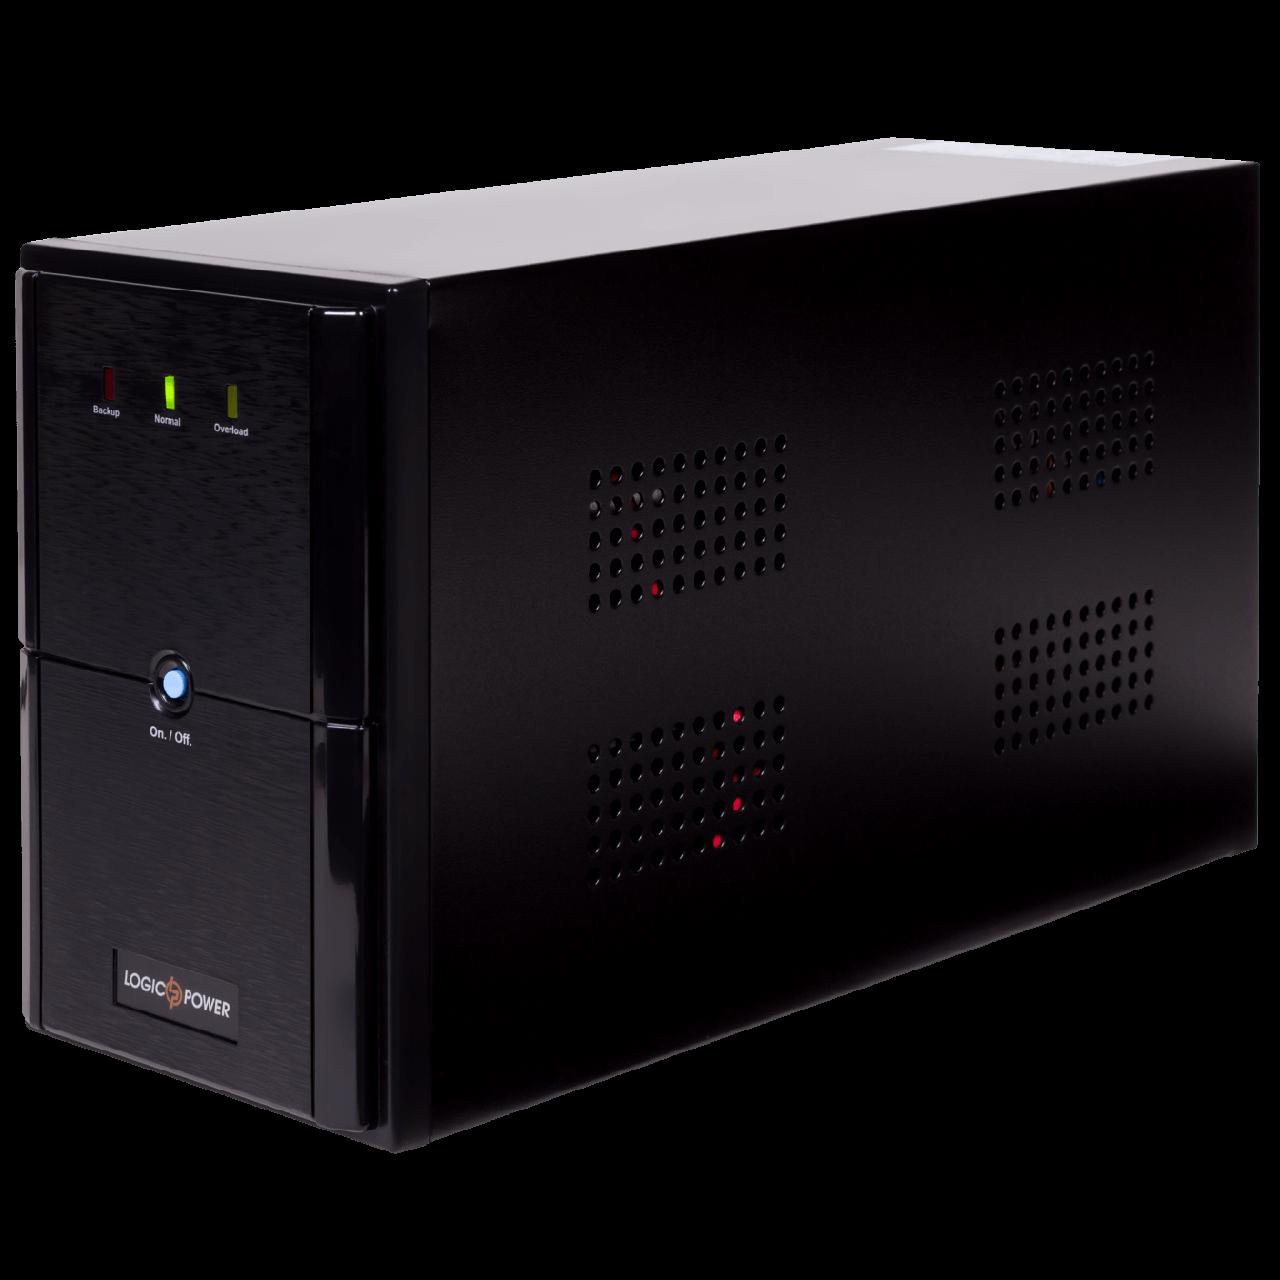 ИБП LogicPower LPM-U1550VA (1085Вт) линейно-интерактивный